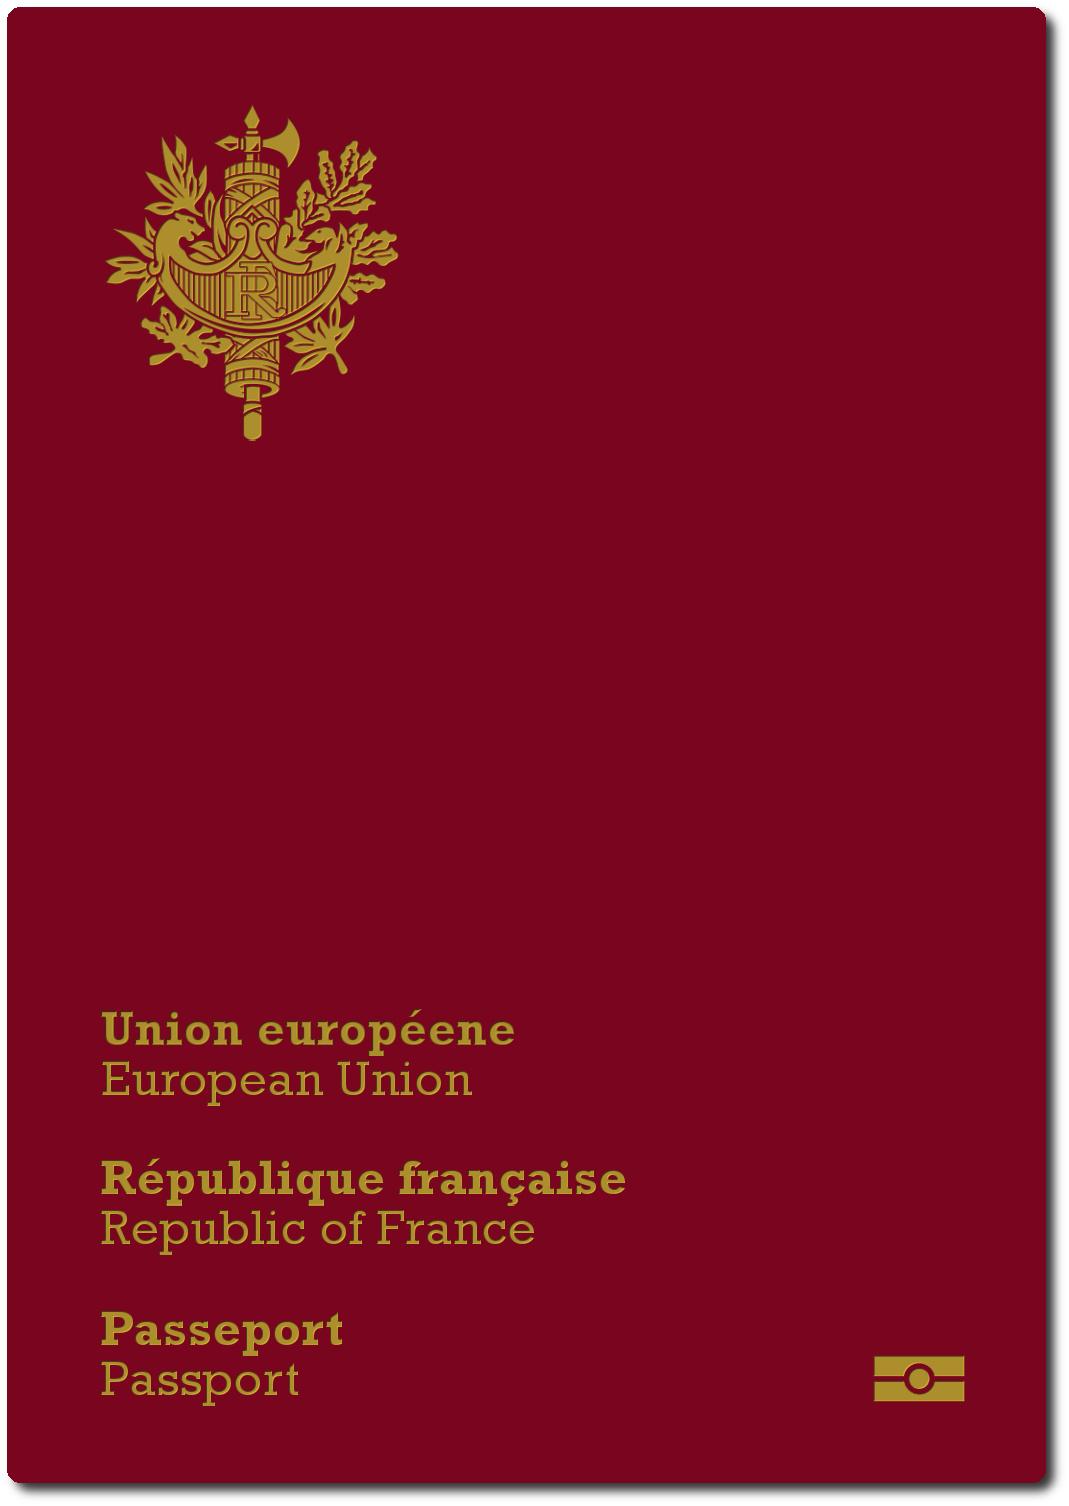 Dites Moi Ce Que Vous En Pensez : dites, pensez, Design, Passeport, Français, Norvégienne., Dites-moi, Pensez, France